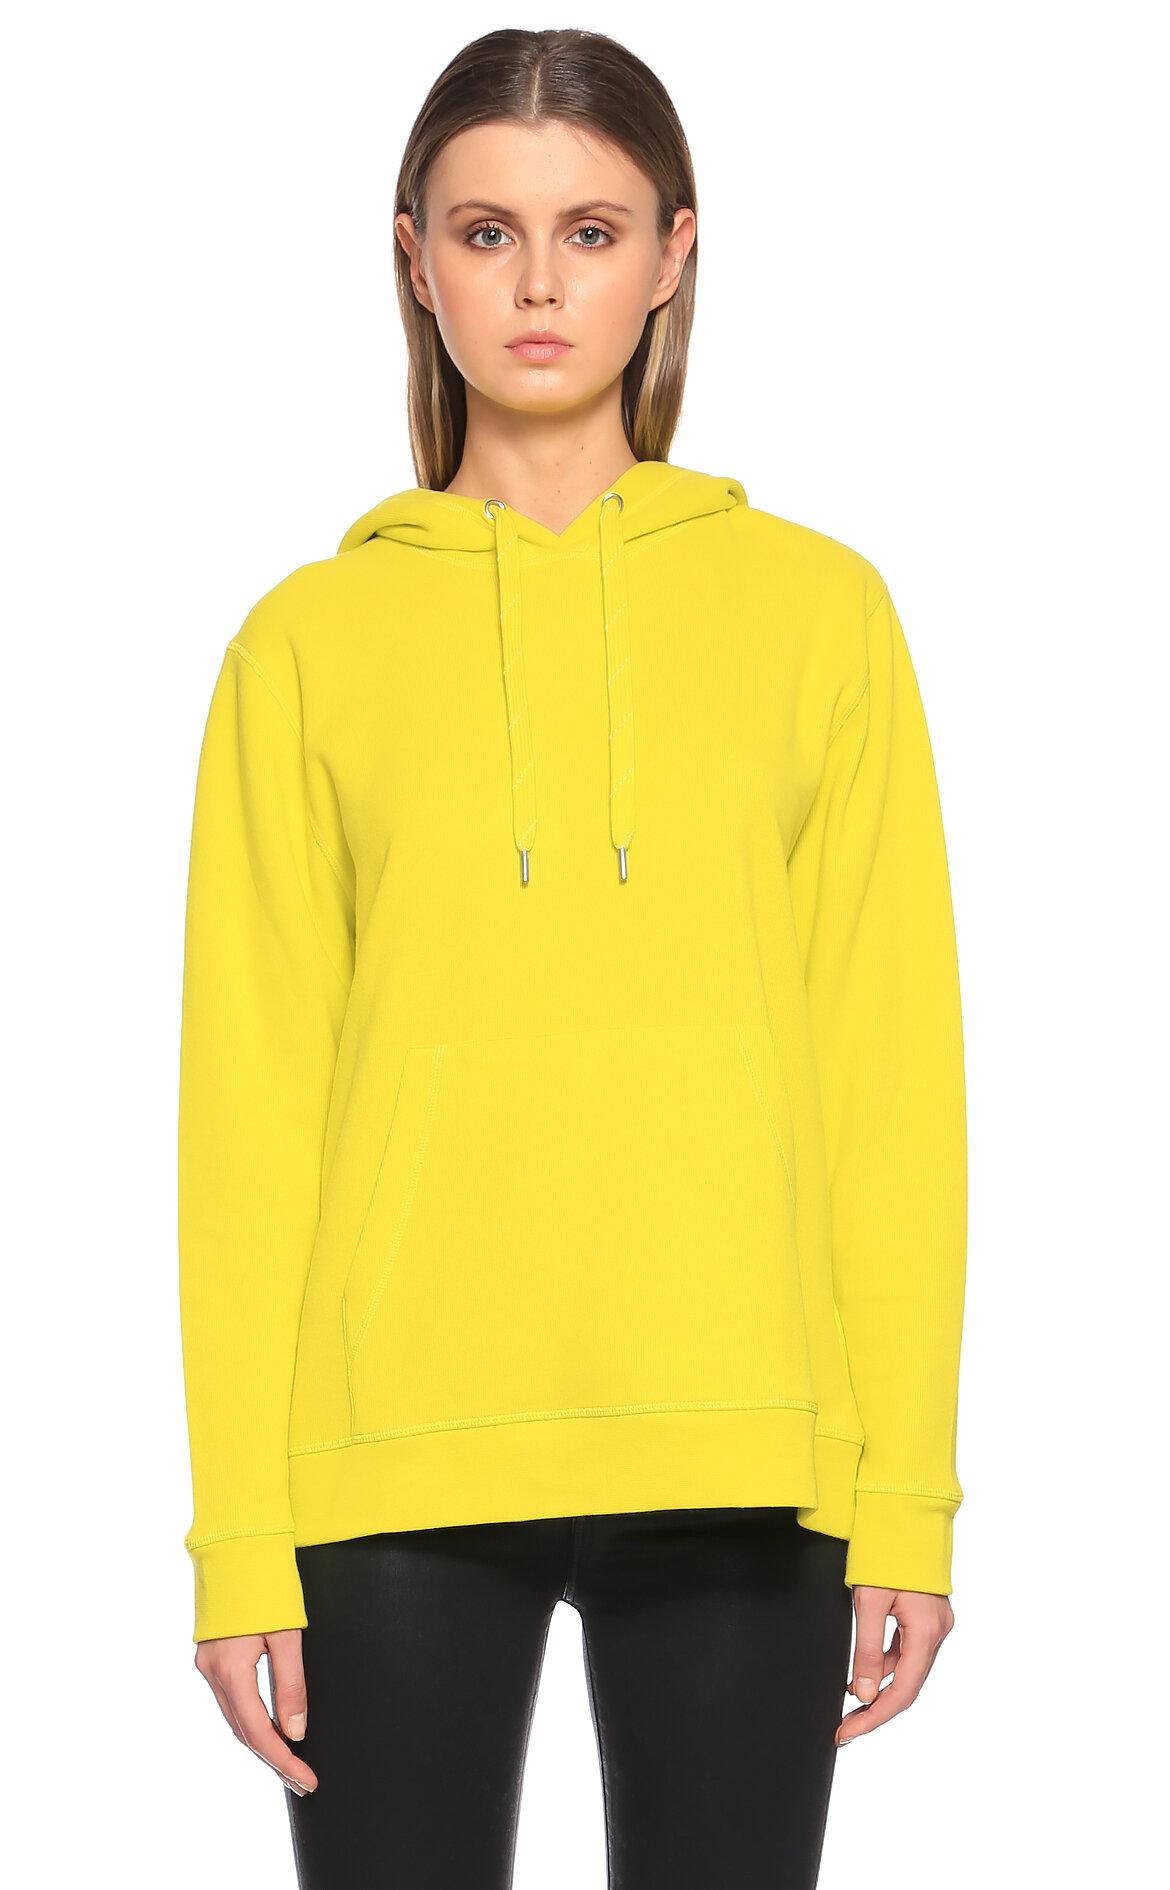 Samsoe&Samsoe-Samsoe&Samsoe Kapüşonlu Neon Sarı Sweatshirt